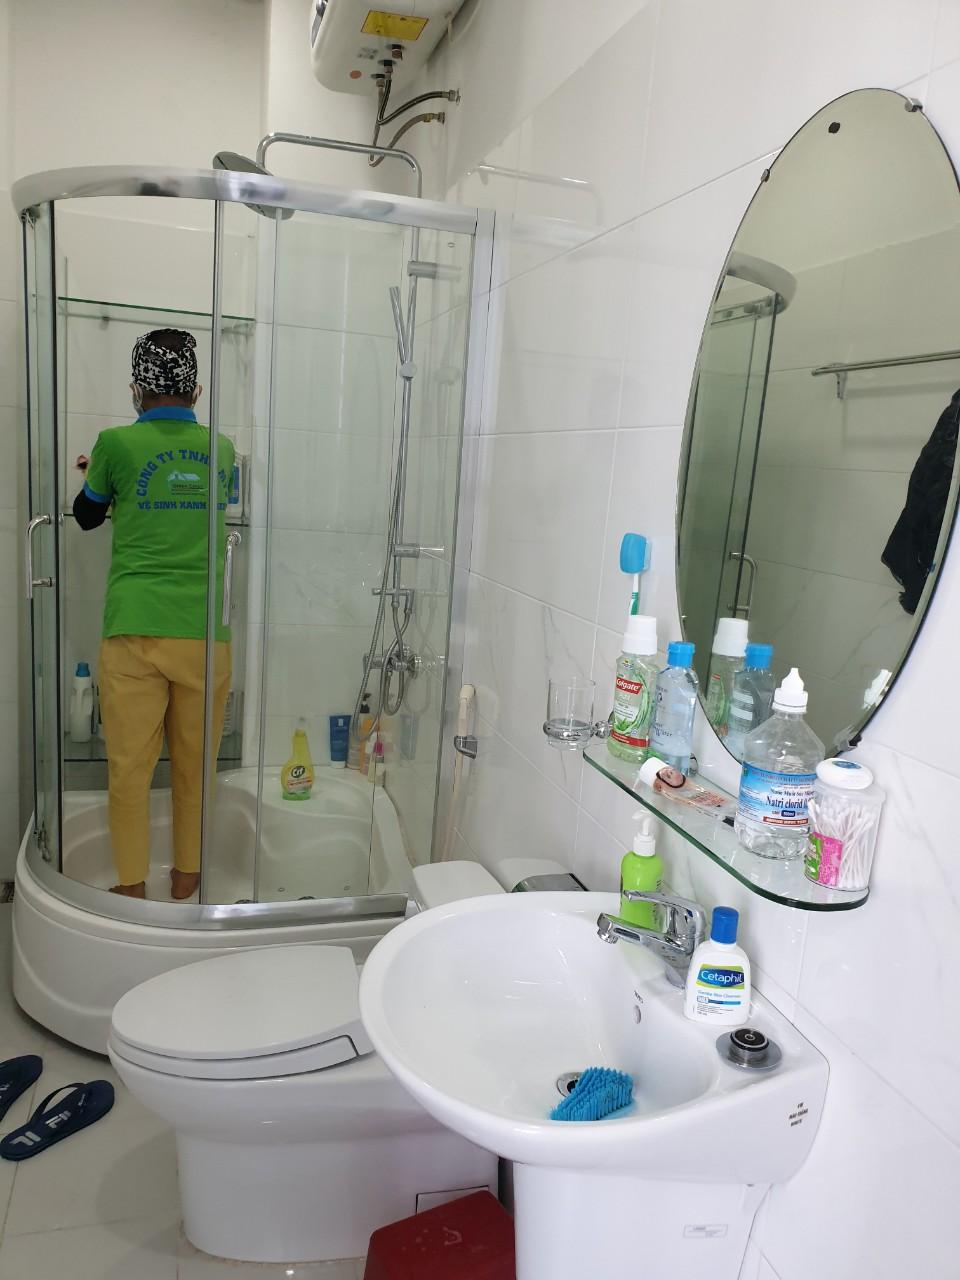 Dịch vụ vệ sinh tại nhà theo giờ uy tín, chất lượng tại Bình Dương